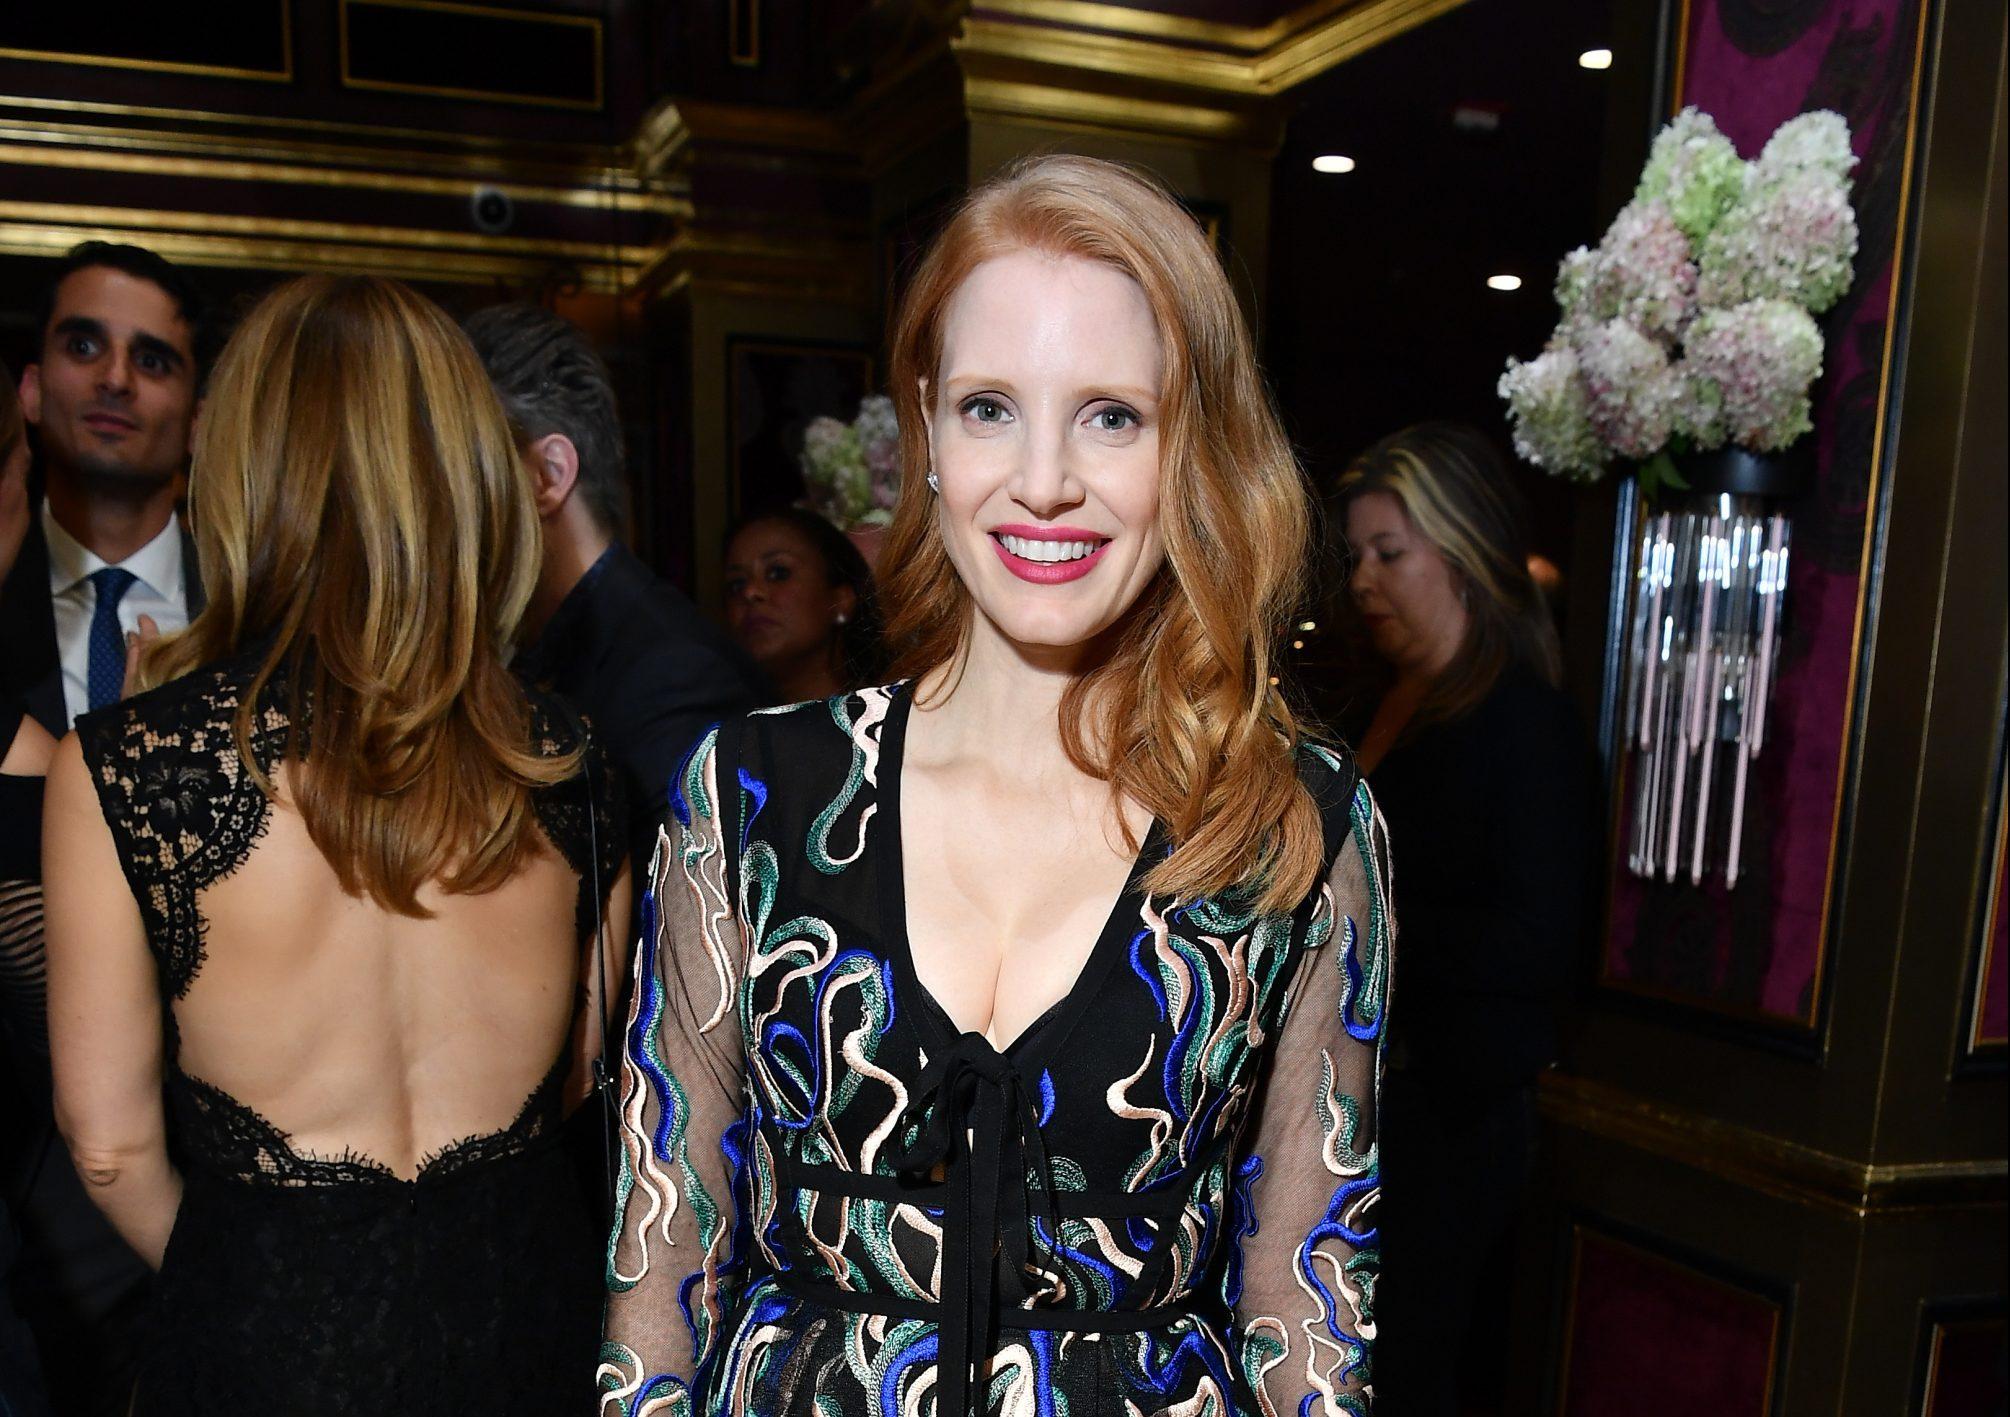 TIFF 2017 | Jessica comparece a festa da HFPA & InStyle e Entertainment Weekly